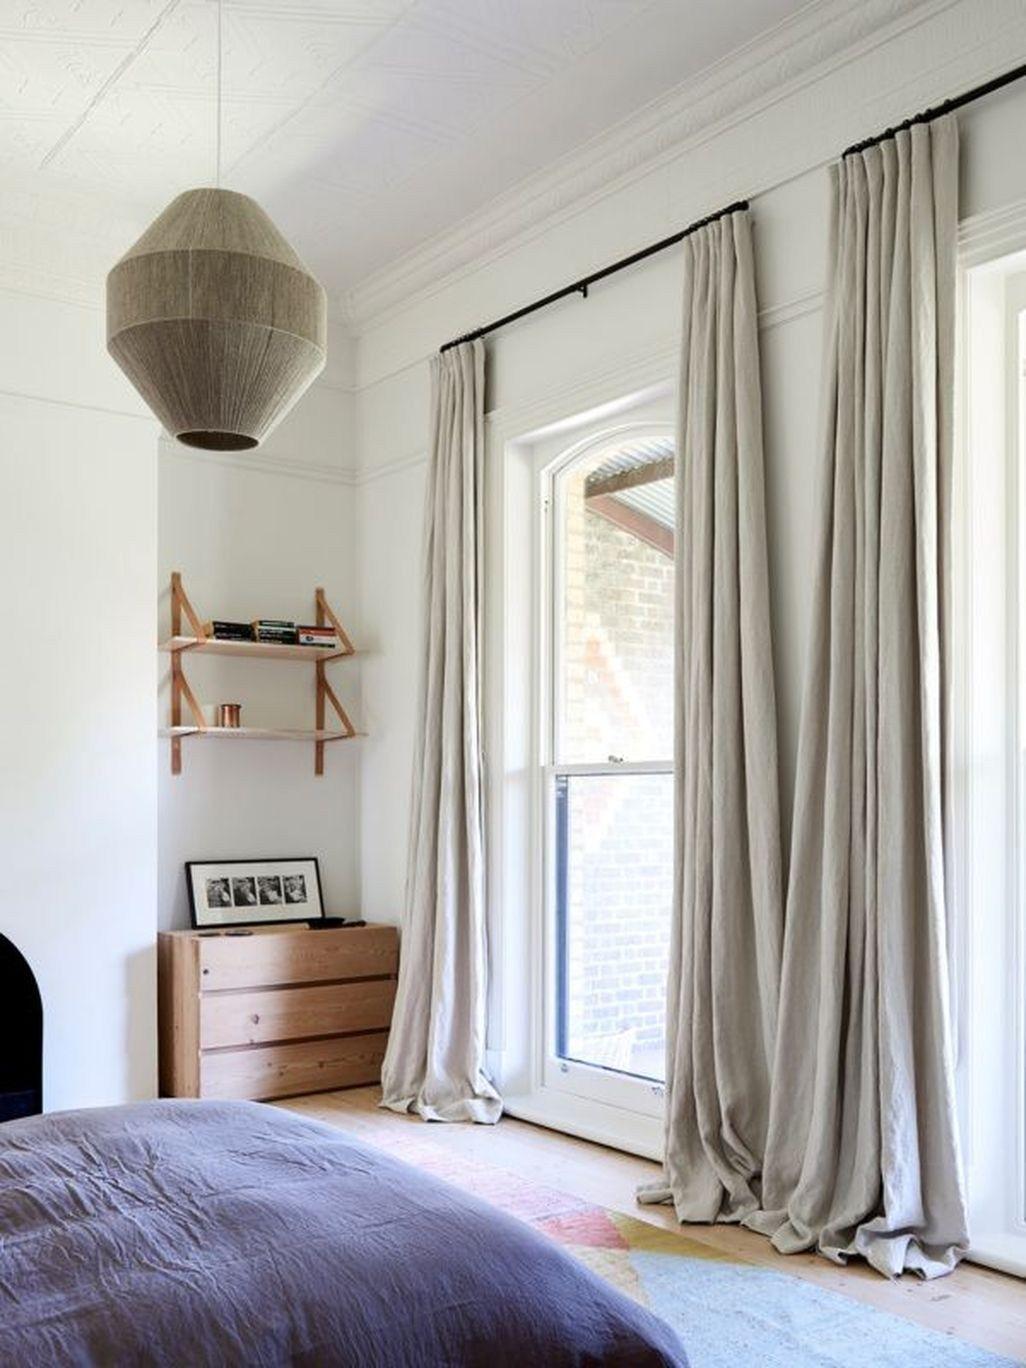 45 Modern Bedroom Curtain Designs Ideas | Curtains living ... on Farmhouse Bedroom Curtain Ideas  id=44097